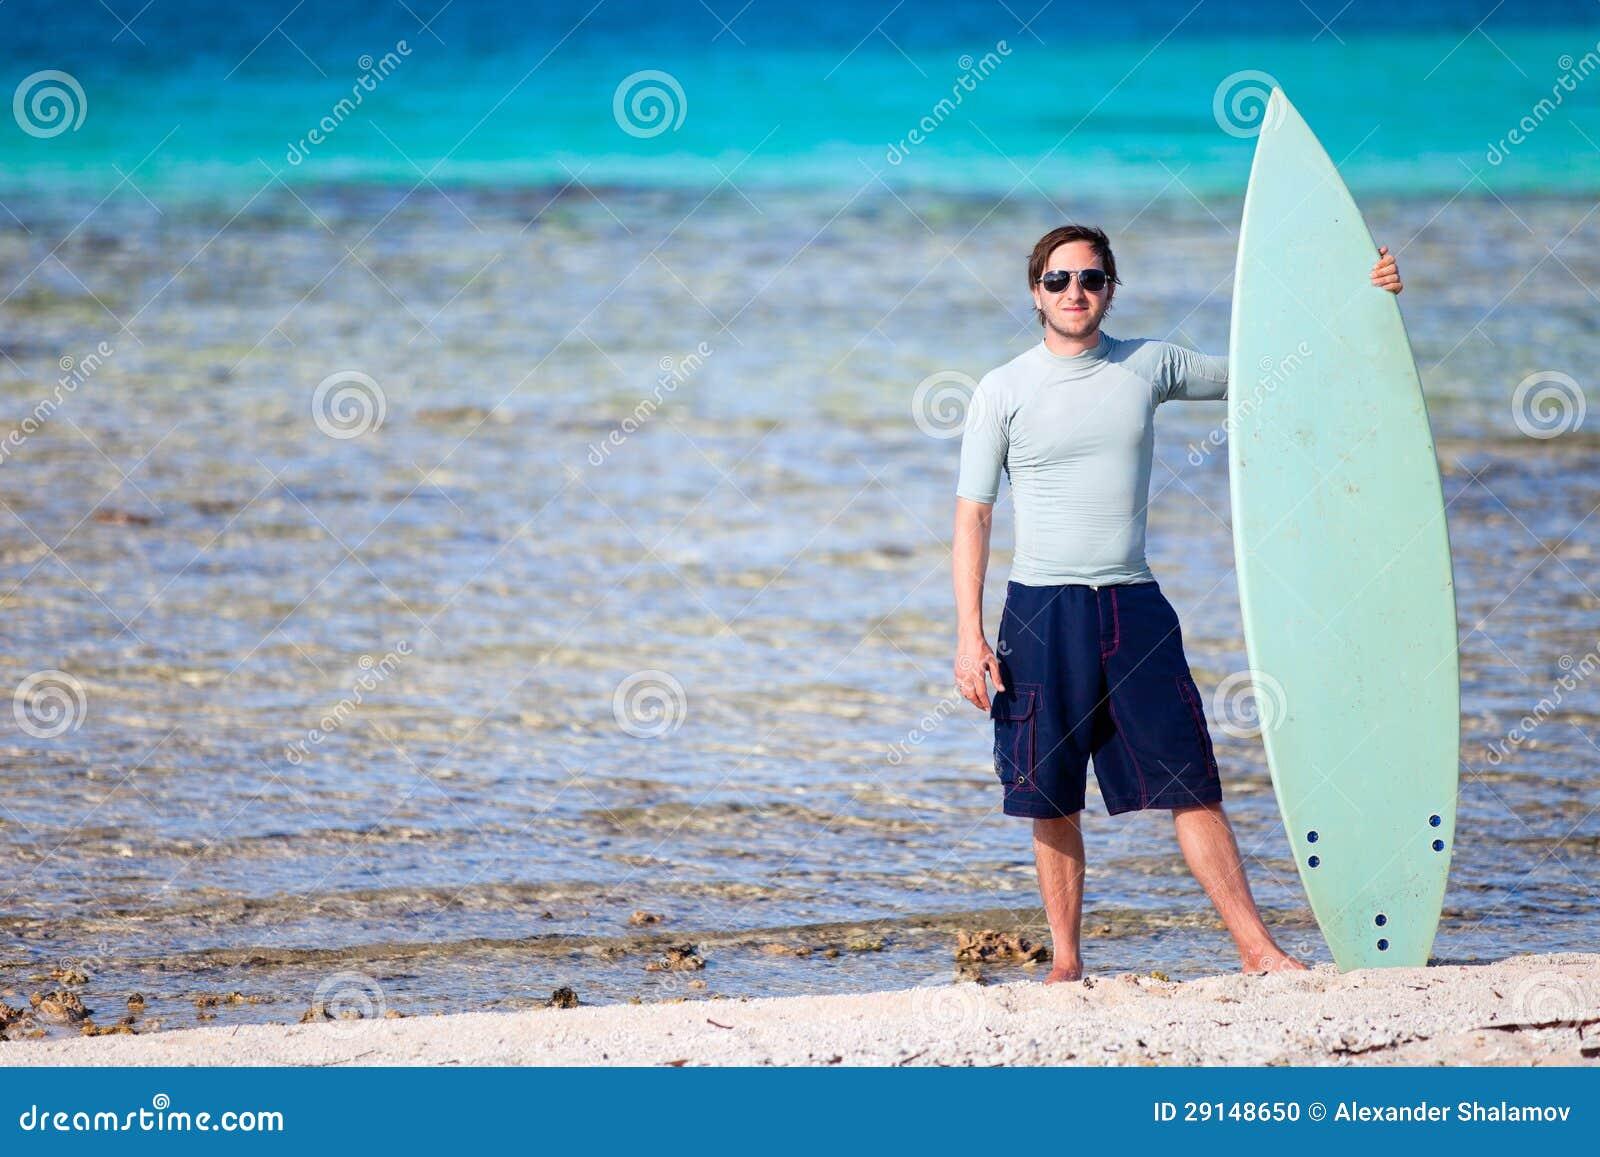 jeune homme avec la planche de surf photo stock image du excitation sable 29148650. Black Bedroom Furniture Sets. Home Design Ideas